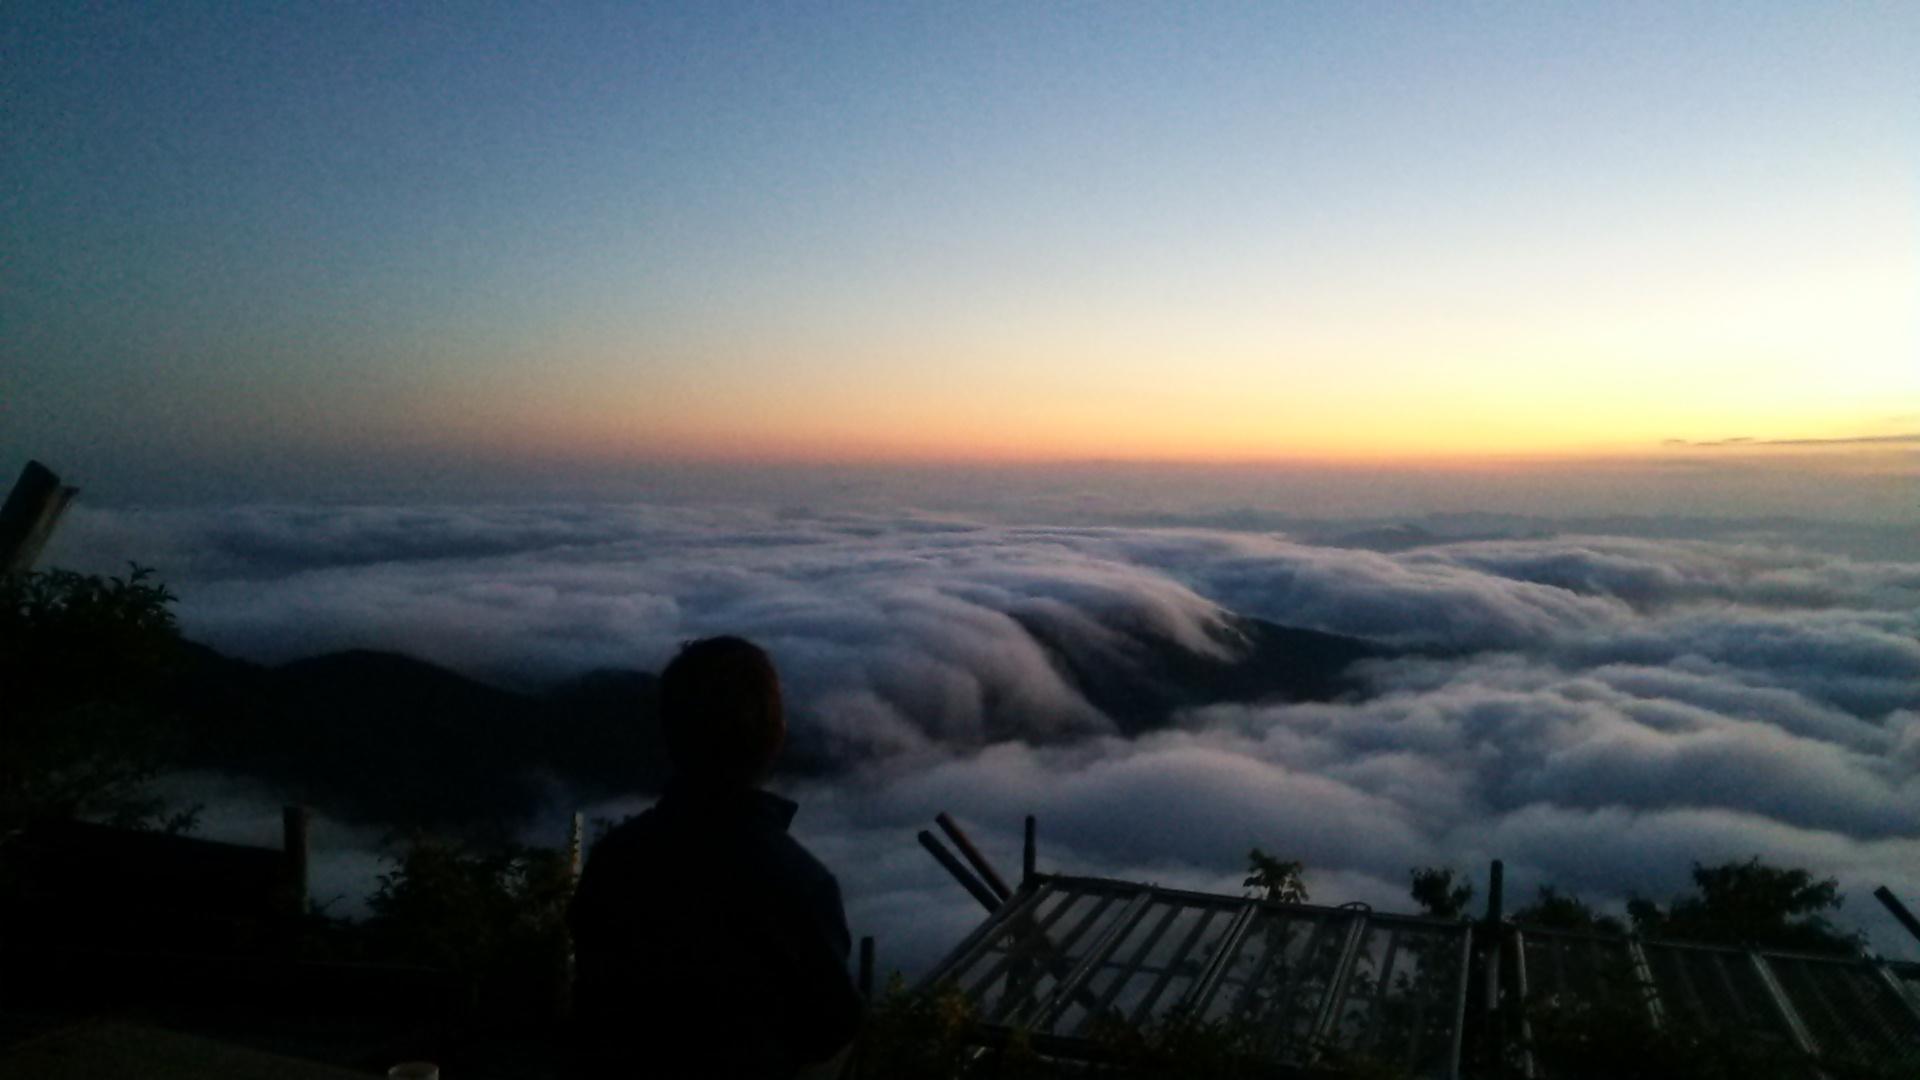 8月27日 朝の気温 11℃。どんどん気温が下がります。今朝は滝雲のおまけつき雲海。_c0089831_10373060.jpg